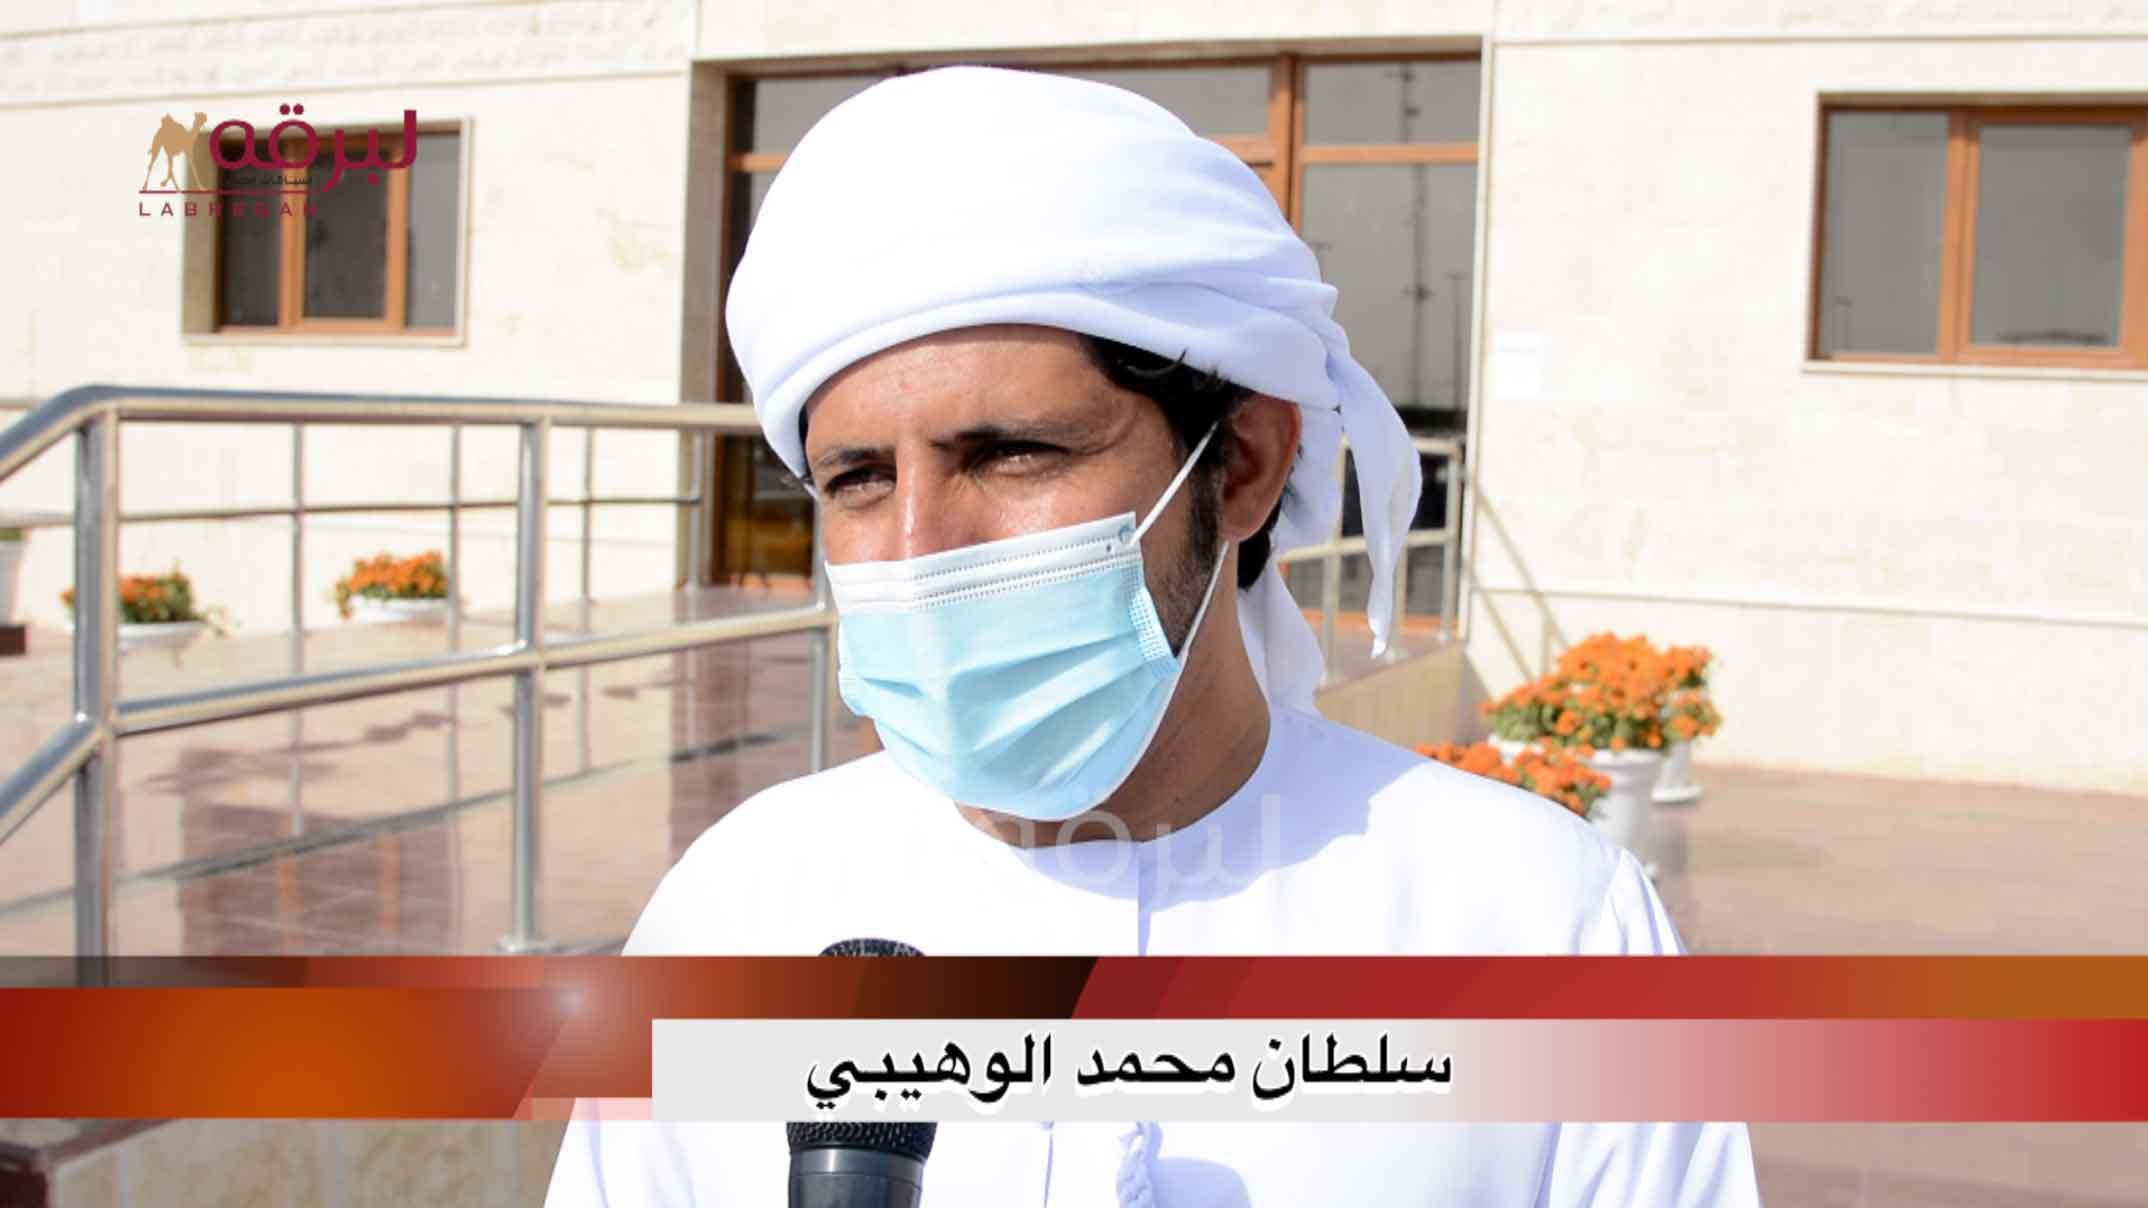 لقاء مع سلطان محمد الوهيبي.. الخنجر الذهبي ثنايا قعدان «مفتوح» الأشواط المفتوحة  ٢٨-٣-٢٠٢١